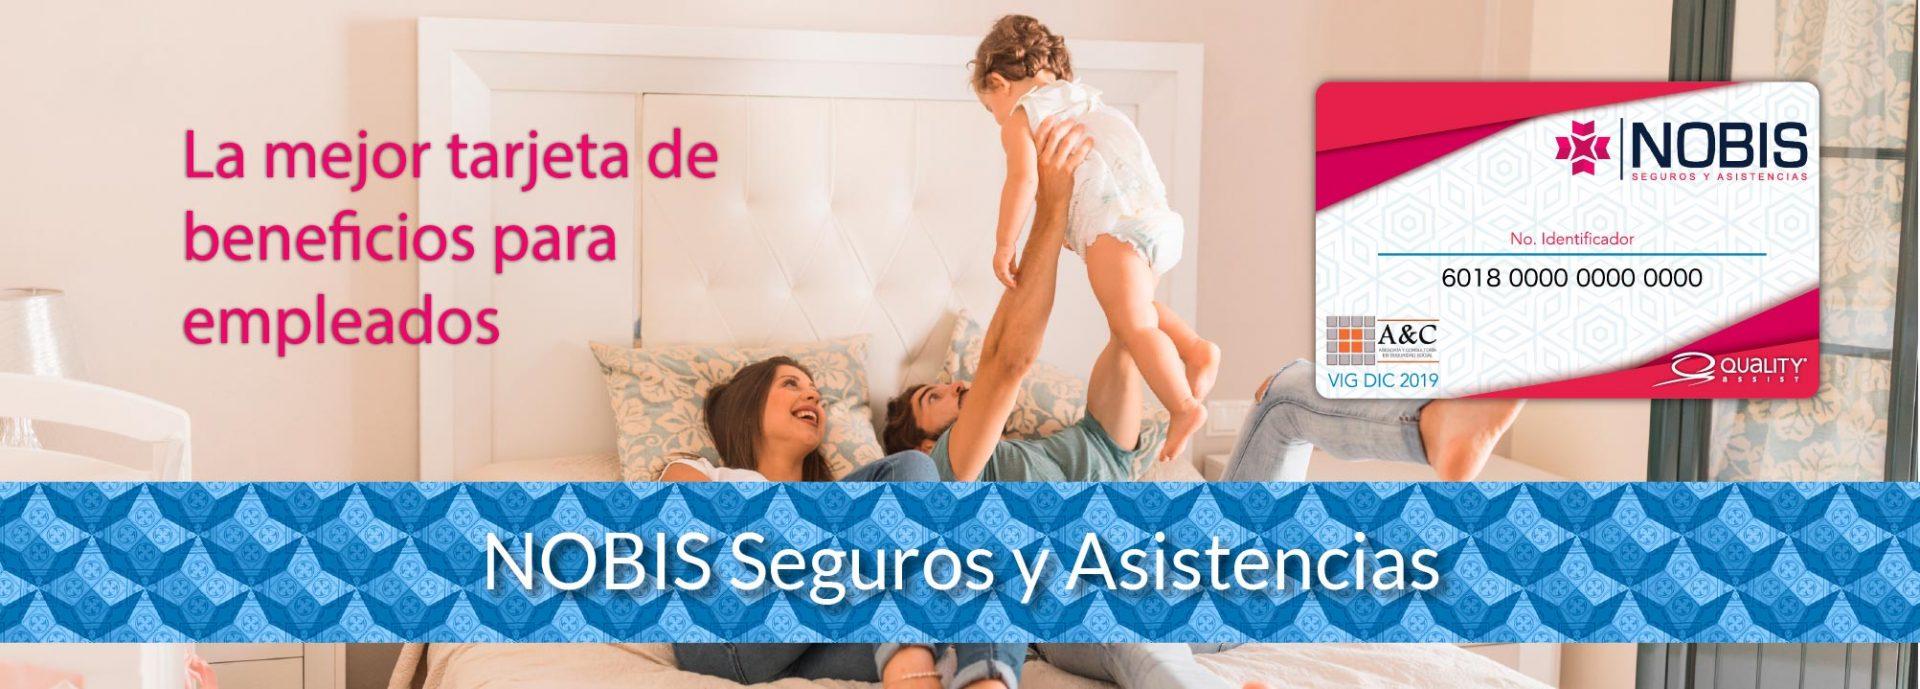 Tarjeta de Beneficios NOBIS Seguros y Asistencias